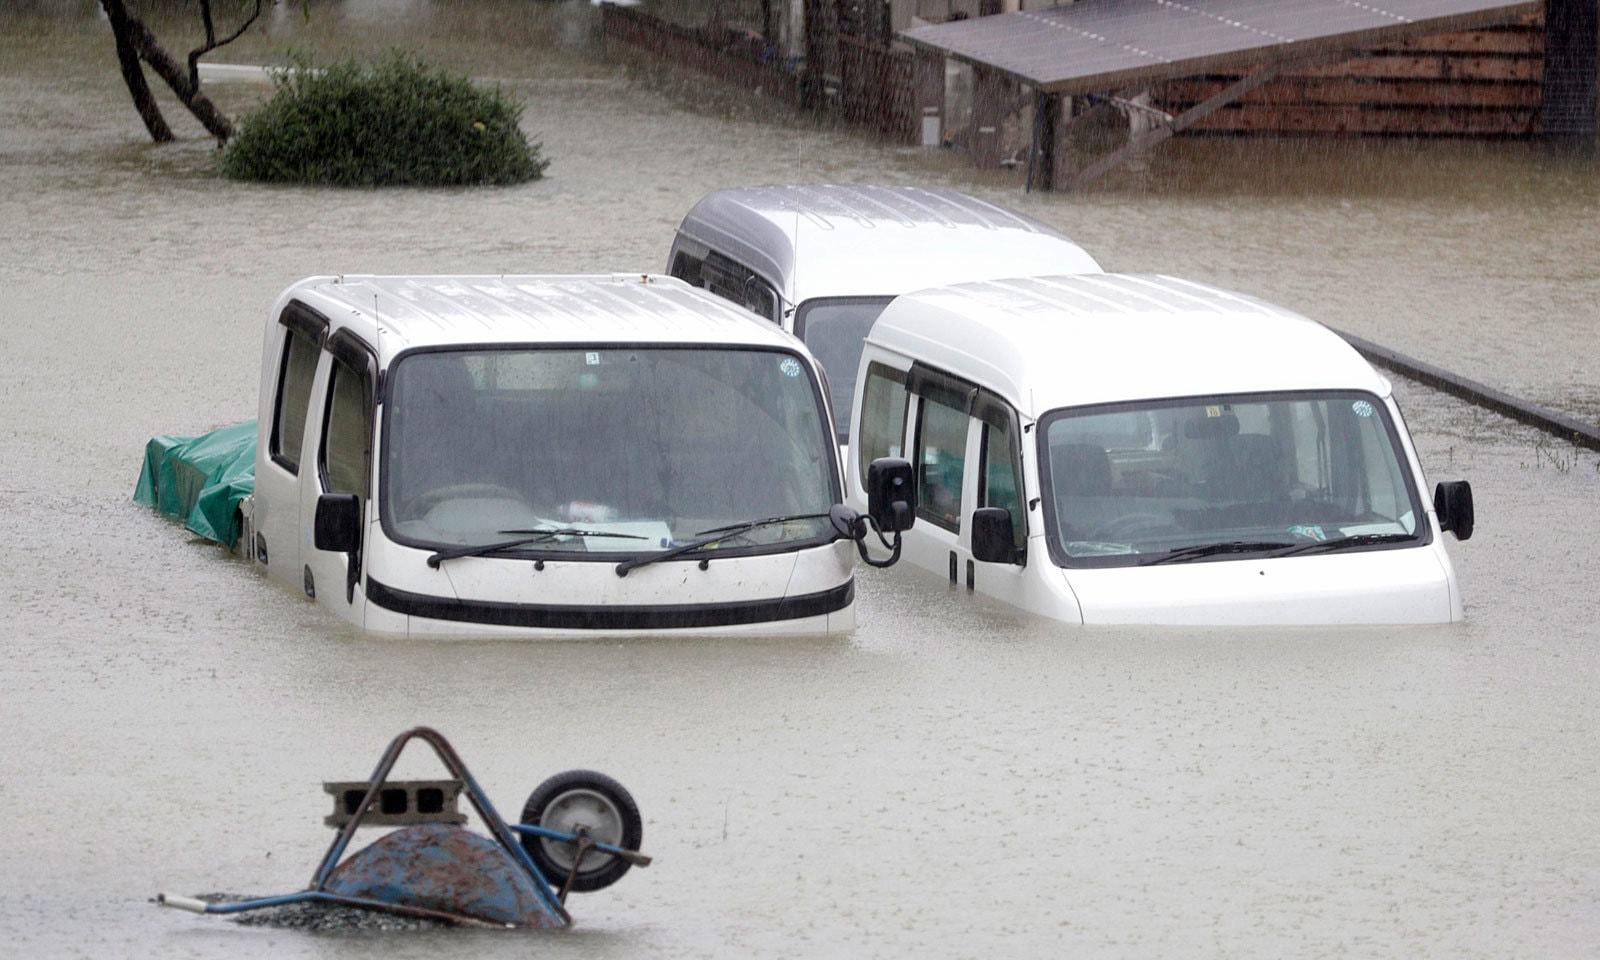 شدید بارشوں اور طوفان کے بعد سڑکوں پر کئی فٹ پانی جمع ہو گیا — فوٹو: اے پی